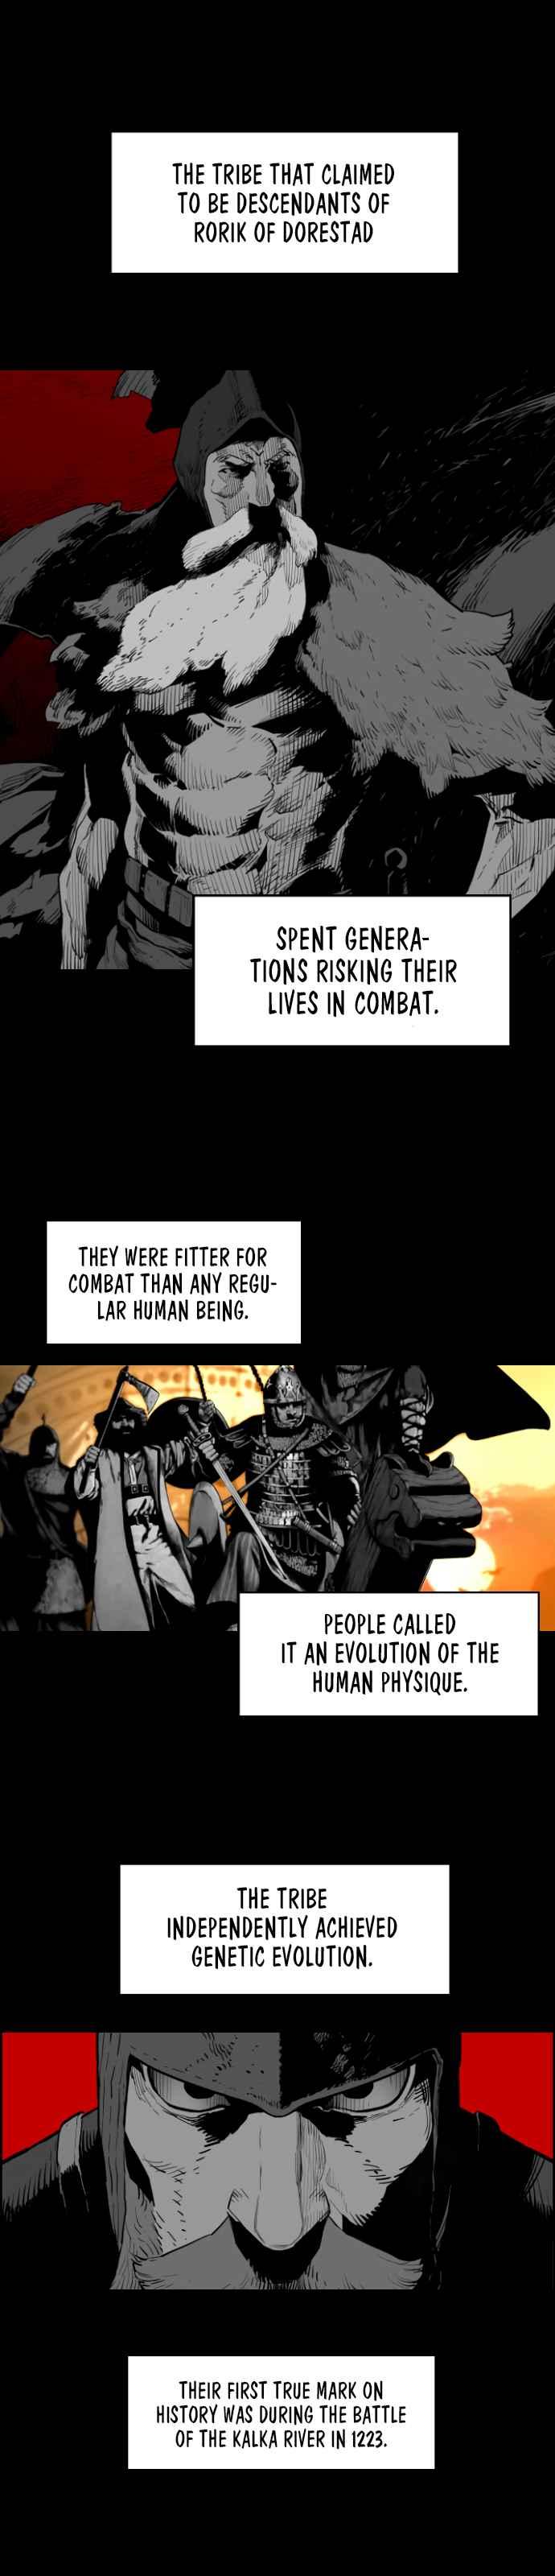 https://img3.nineanime.com/comics/pic4/9/17353/2914201/9f81250cf78de6e784e780b5c9958cc2.jpg Page 1